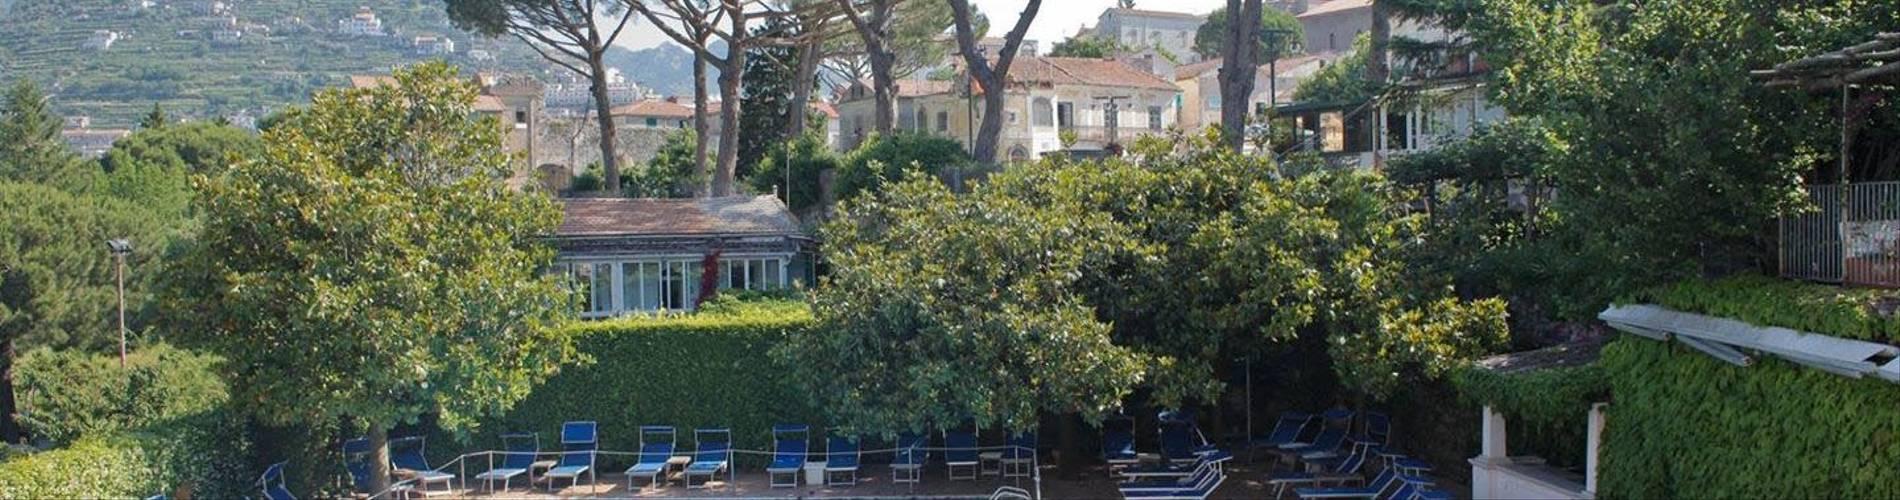 Giordano, Amalfi Coast, Italy (10).jpg